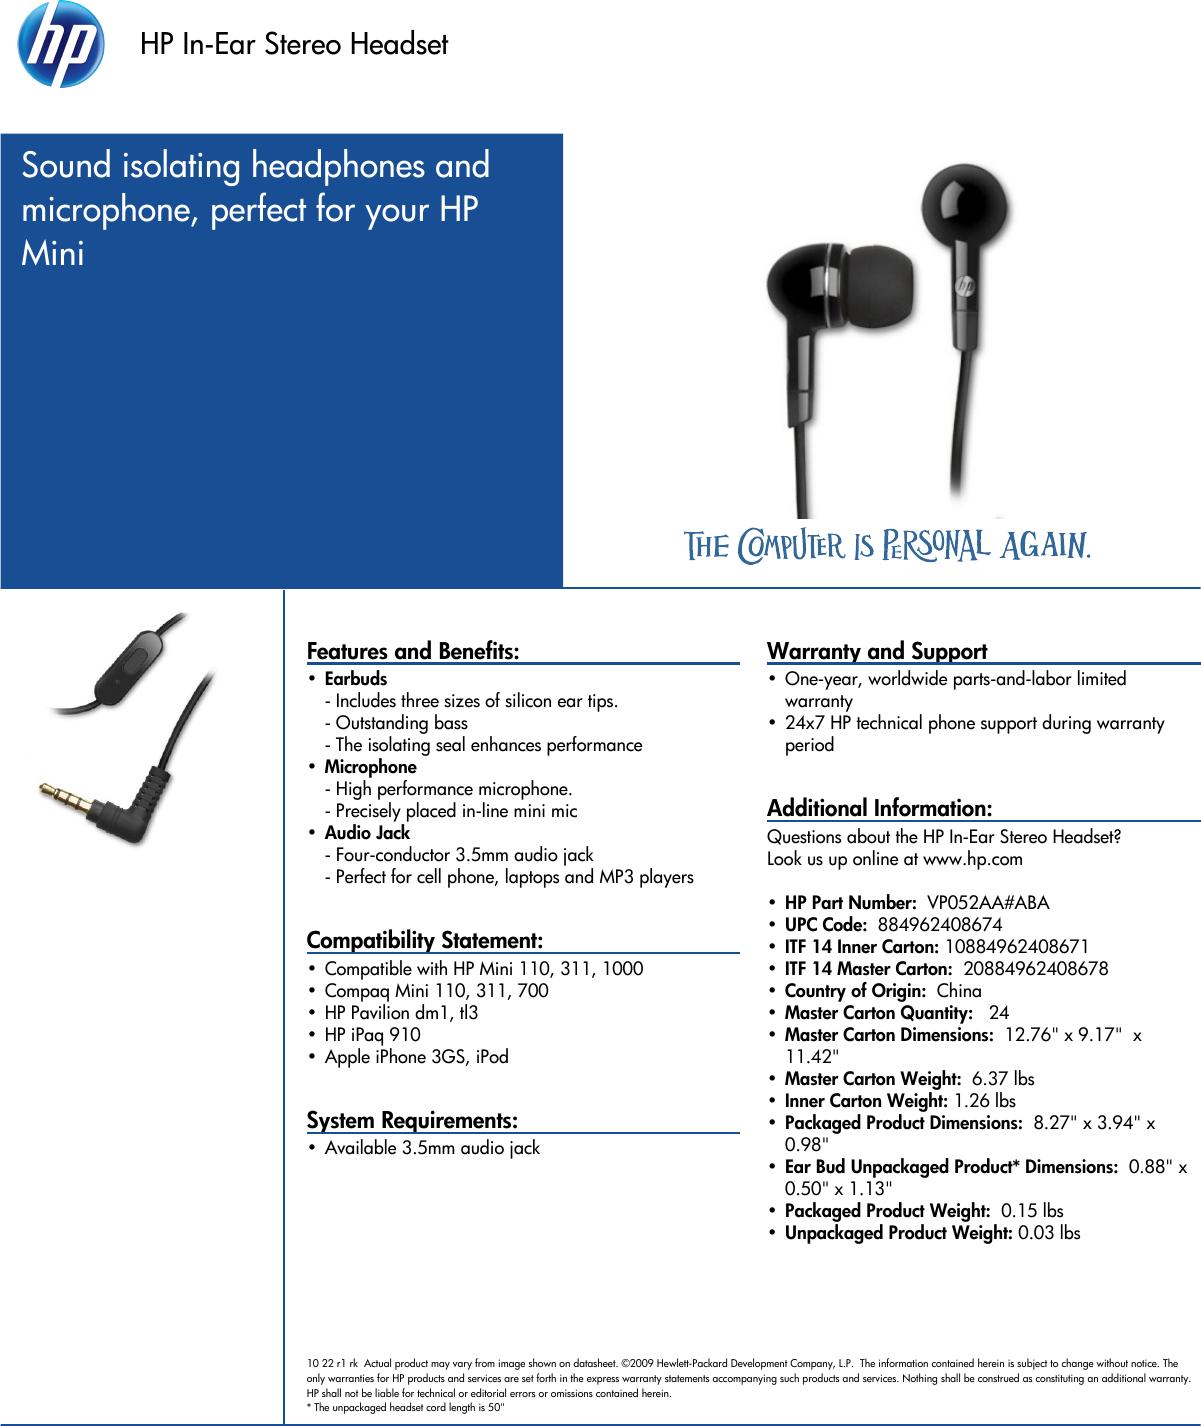 Hp Pavilion Data Sheet In Ear Stereo Headset Datasheet C02468527